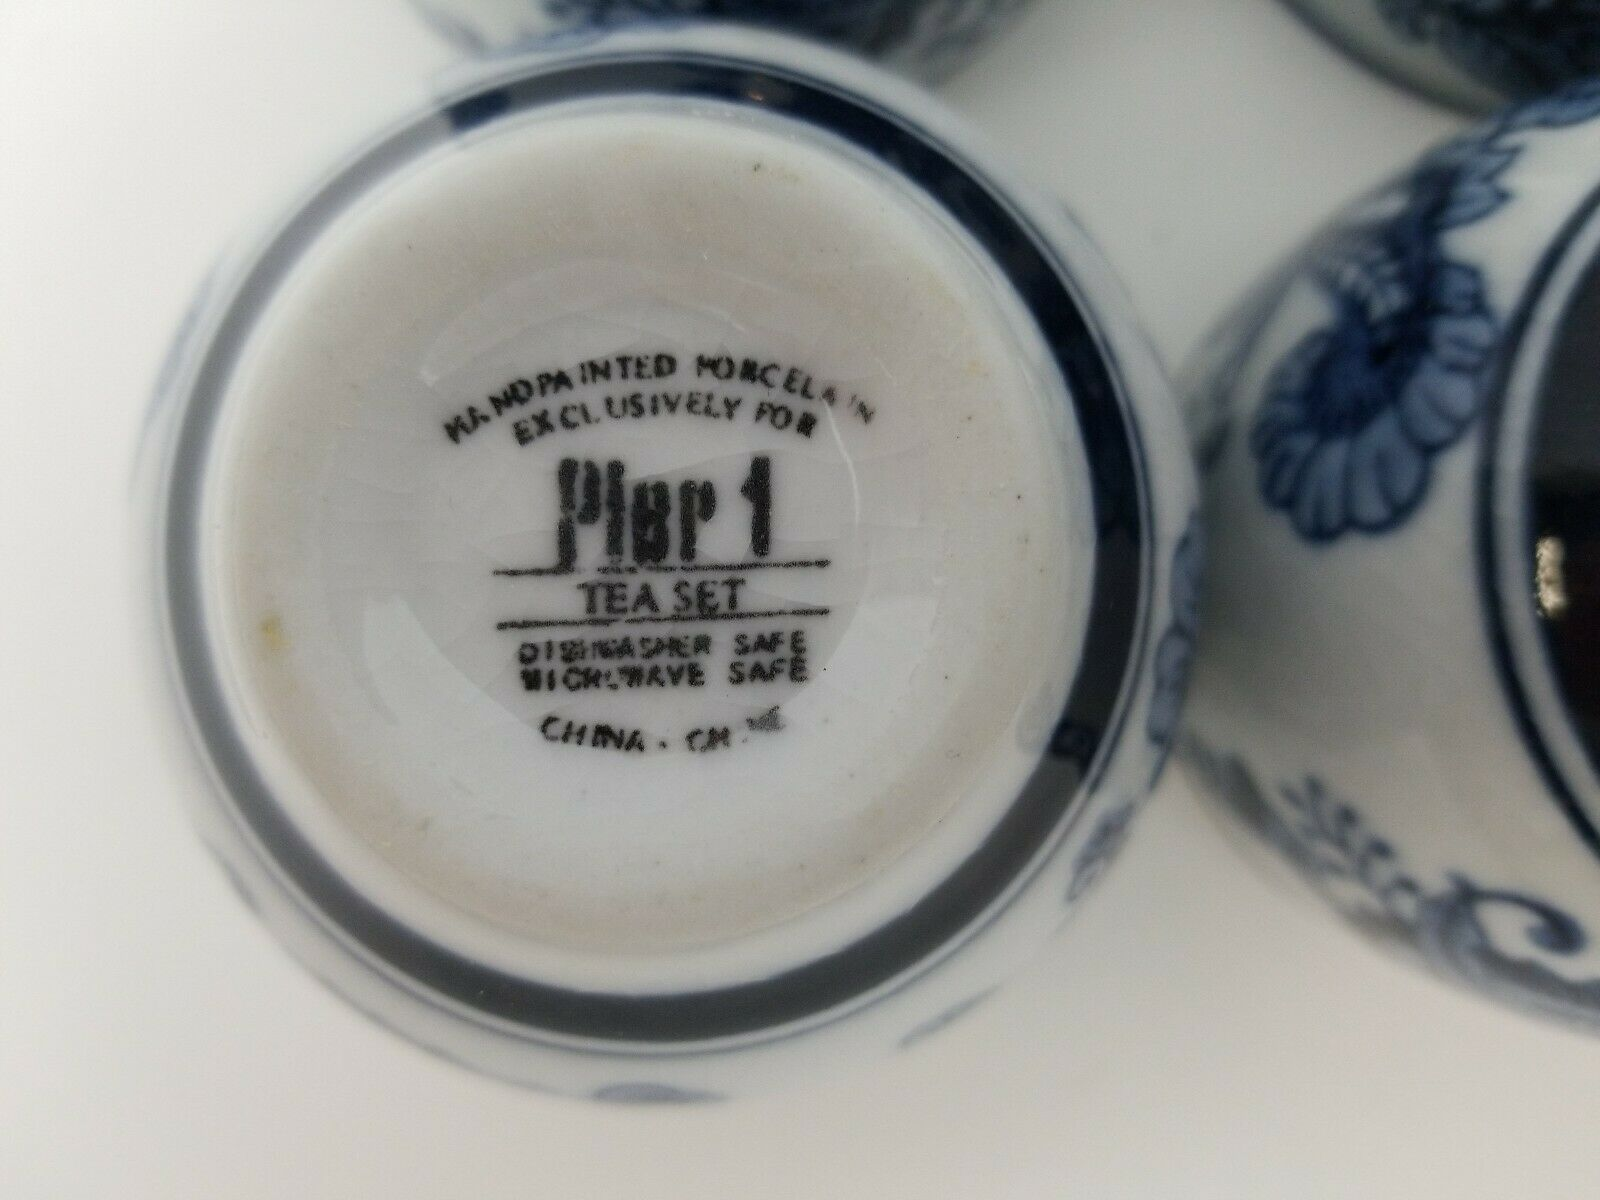 Pier 1 Imports Porcelain Tea Cups Sake Set of 4 White Blue Floral Dish Safe image 11